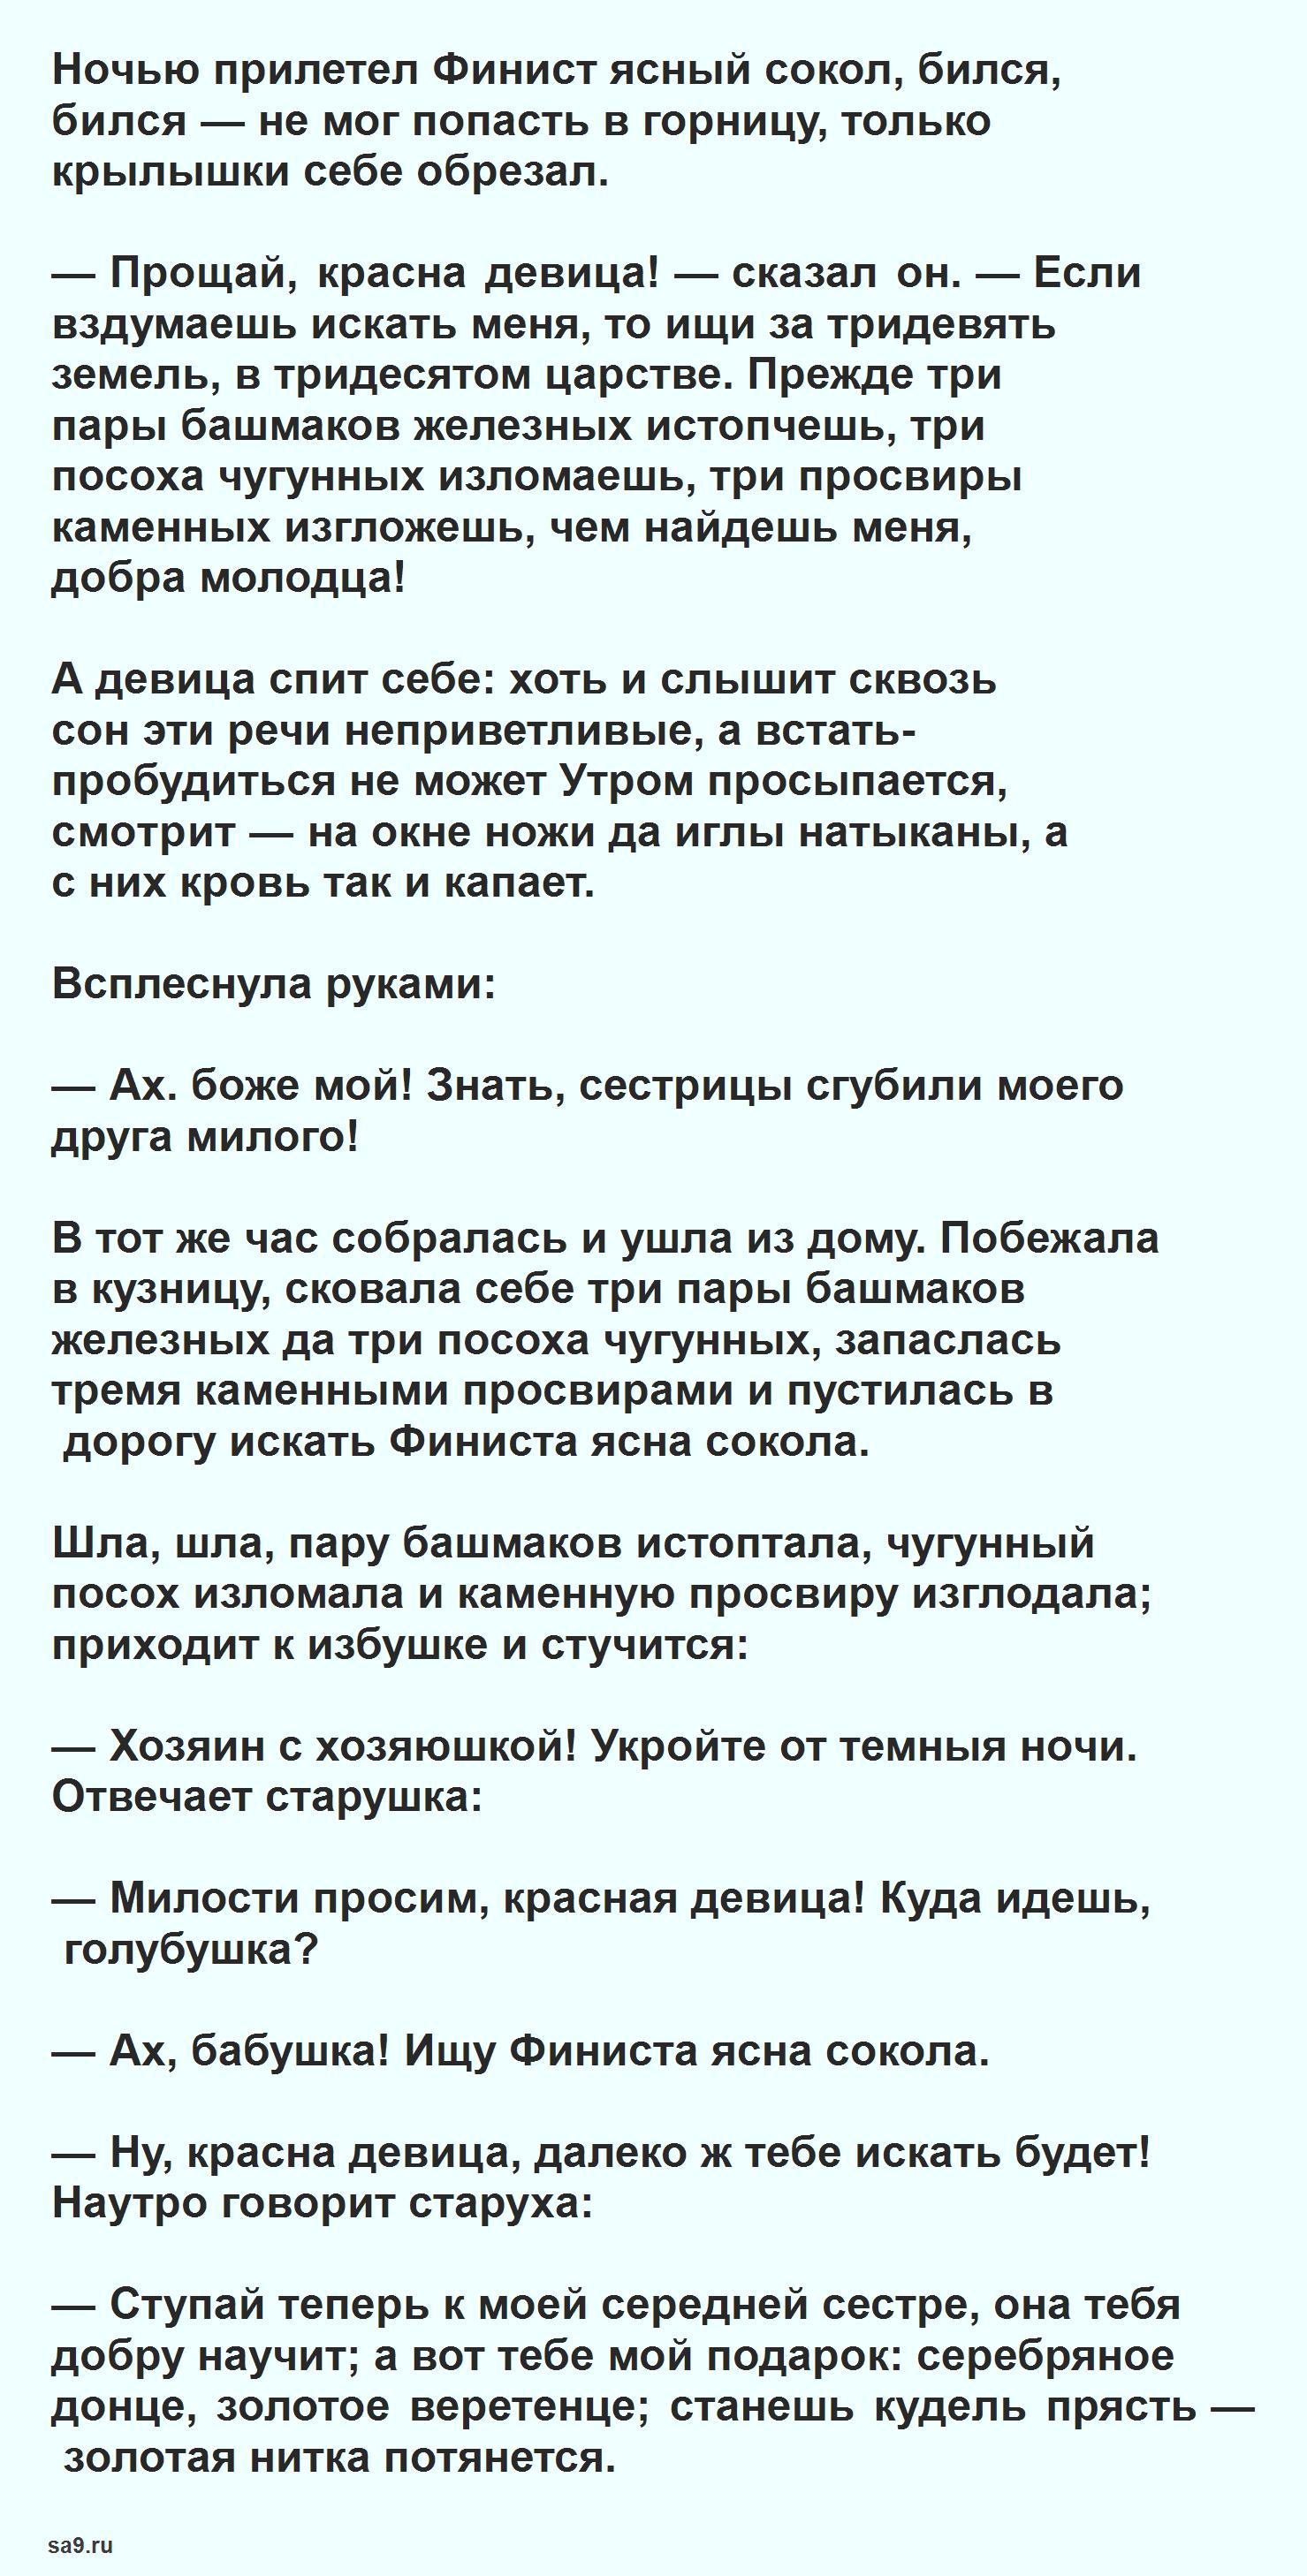 Читать русскую народную сказку - Перышко Финиста